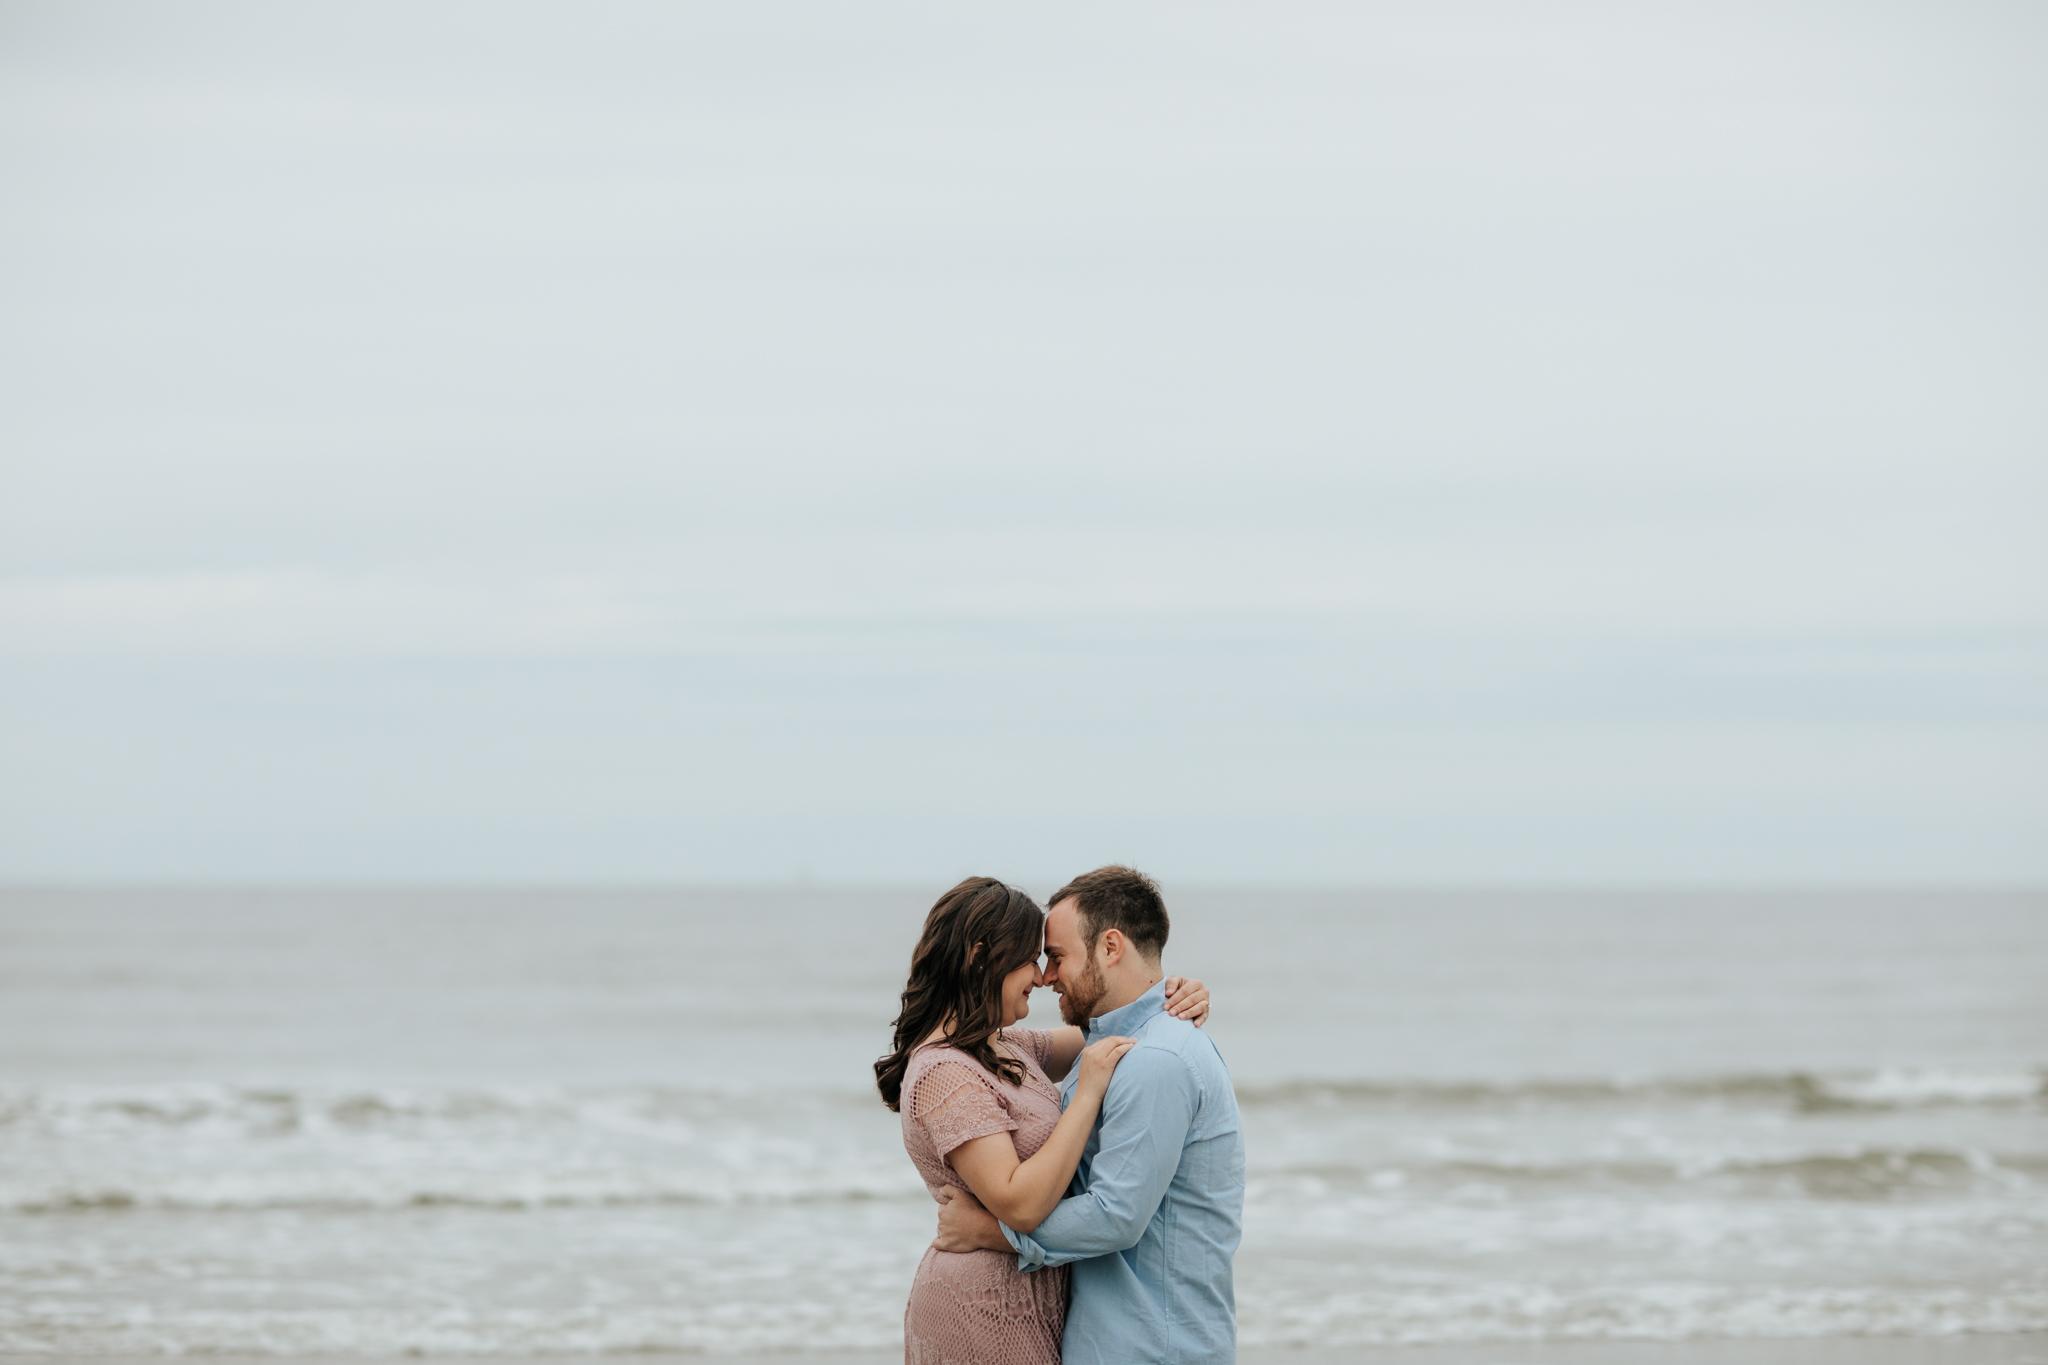 Leah Nicole Photography - Houston Wedding Photographer-Galveston Engagement Session- Houston Wedding Photographer -Kristen Giles Photography-11.jpg